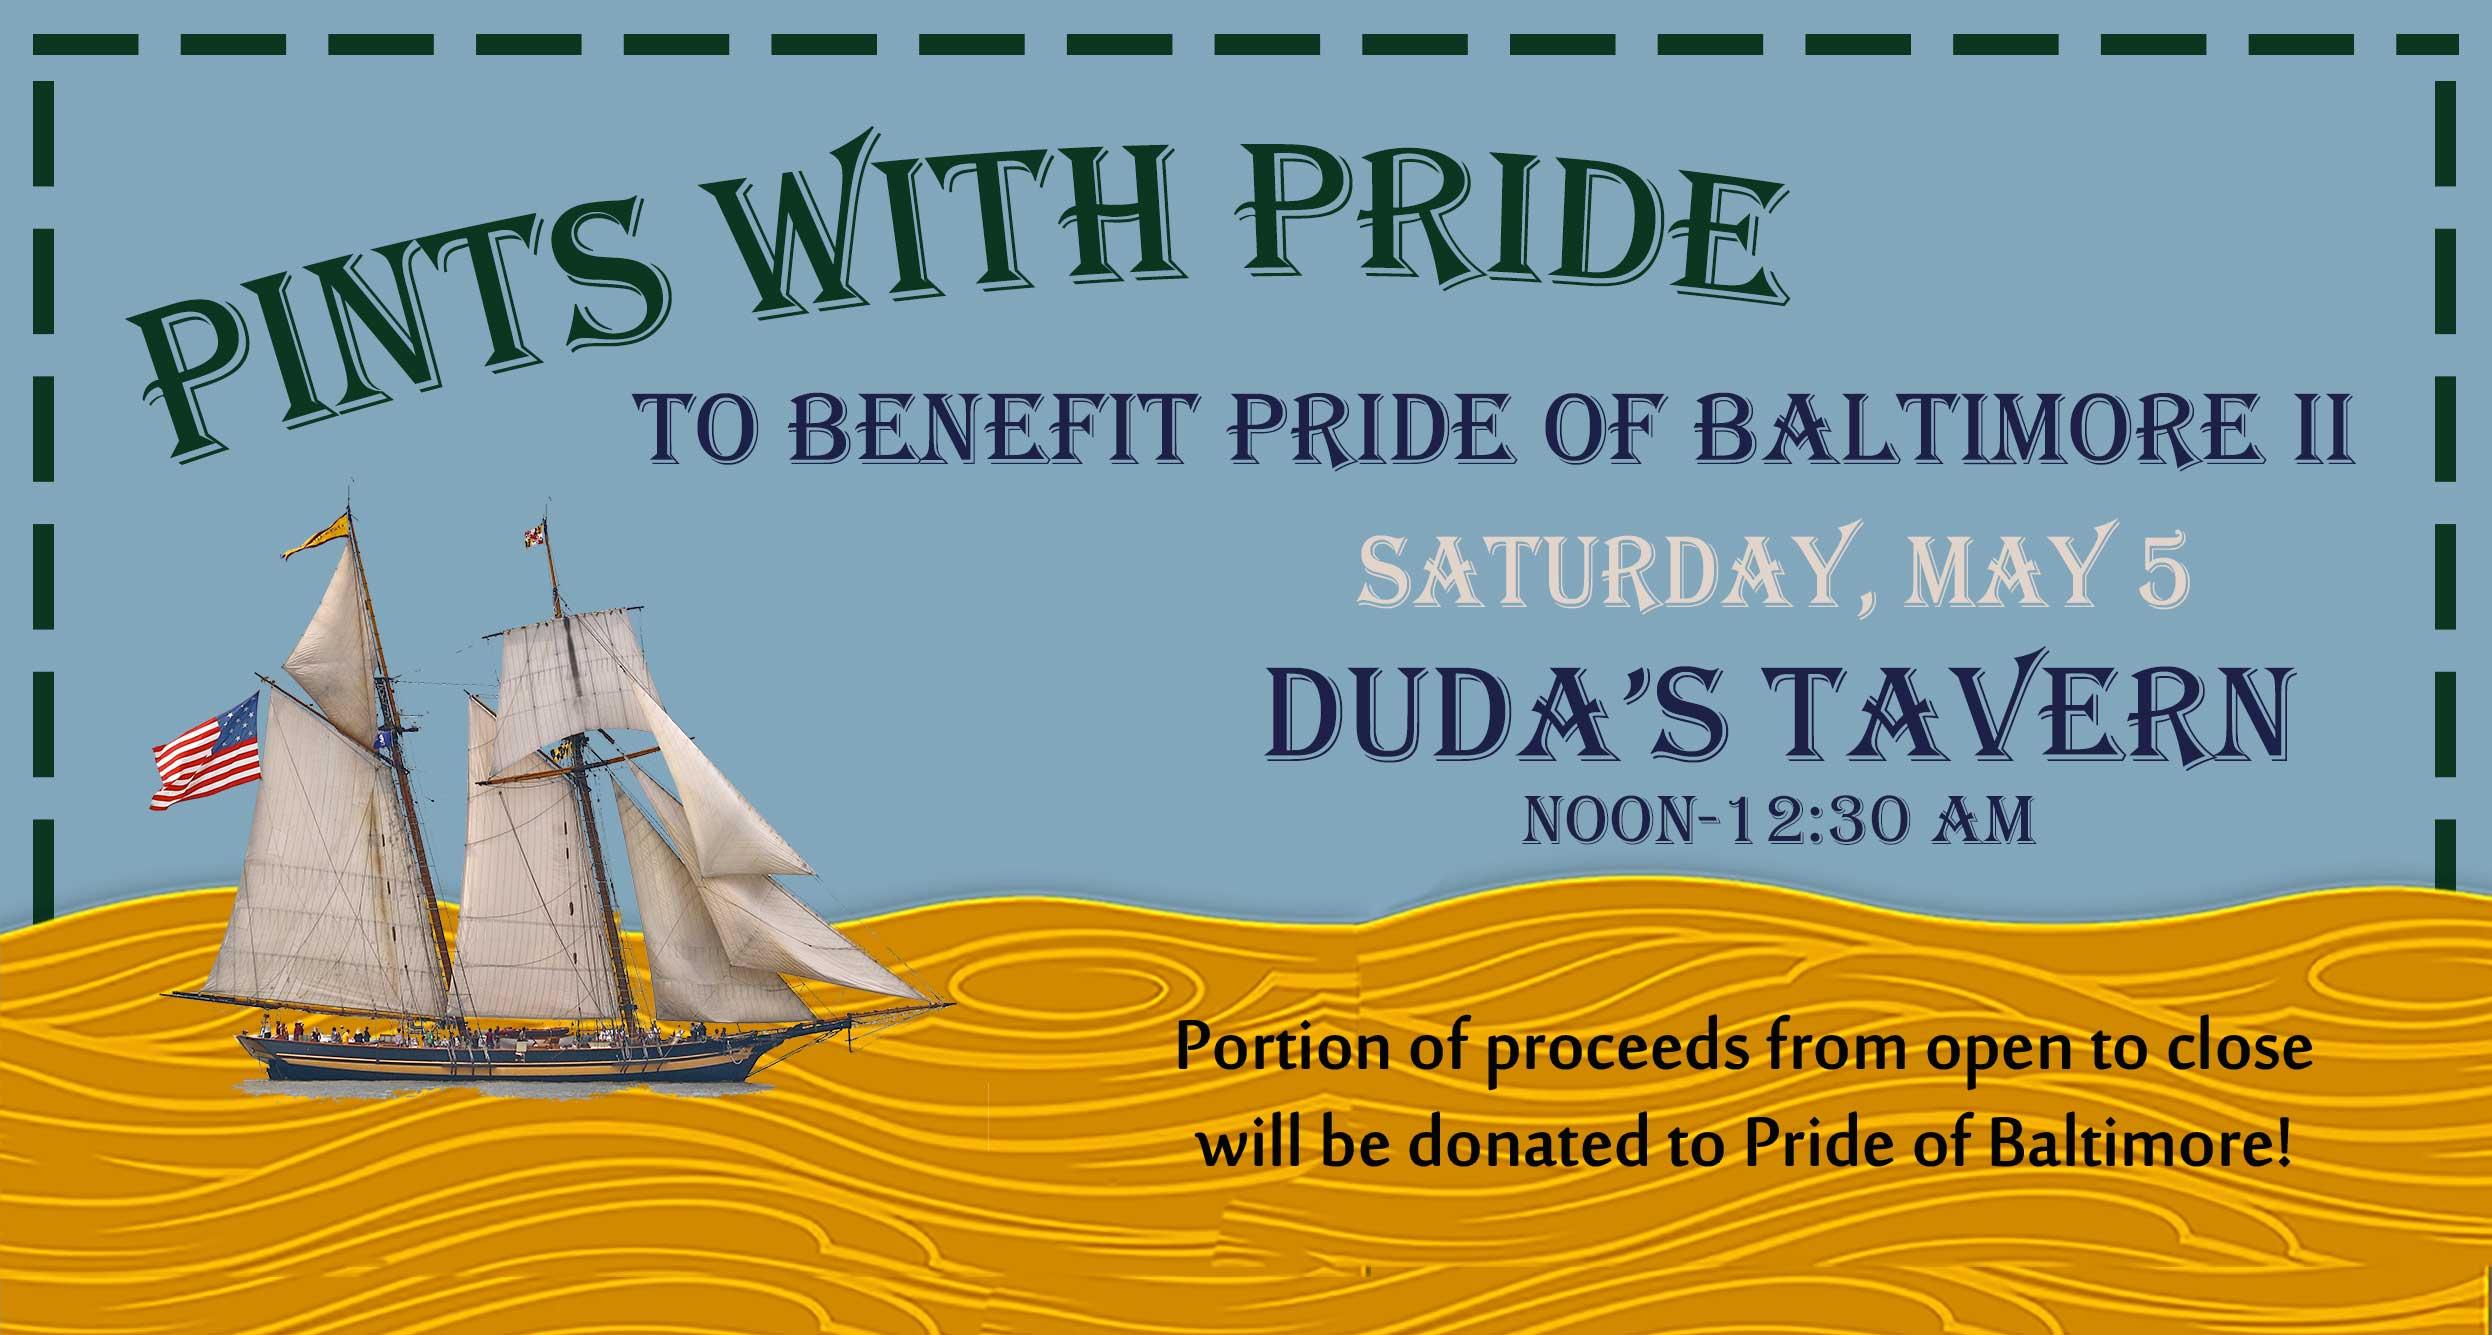 Pints with Pride at Duda's Tavern May 5, 2018